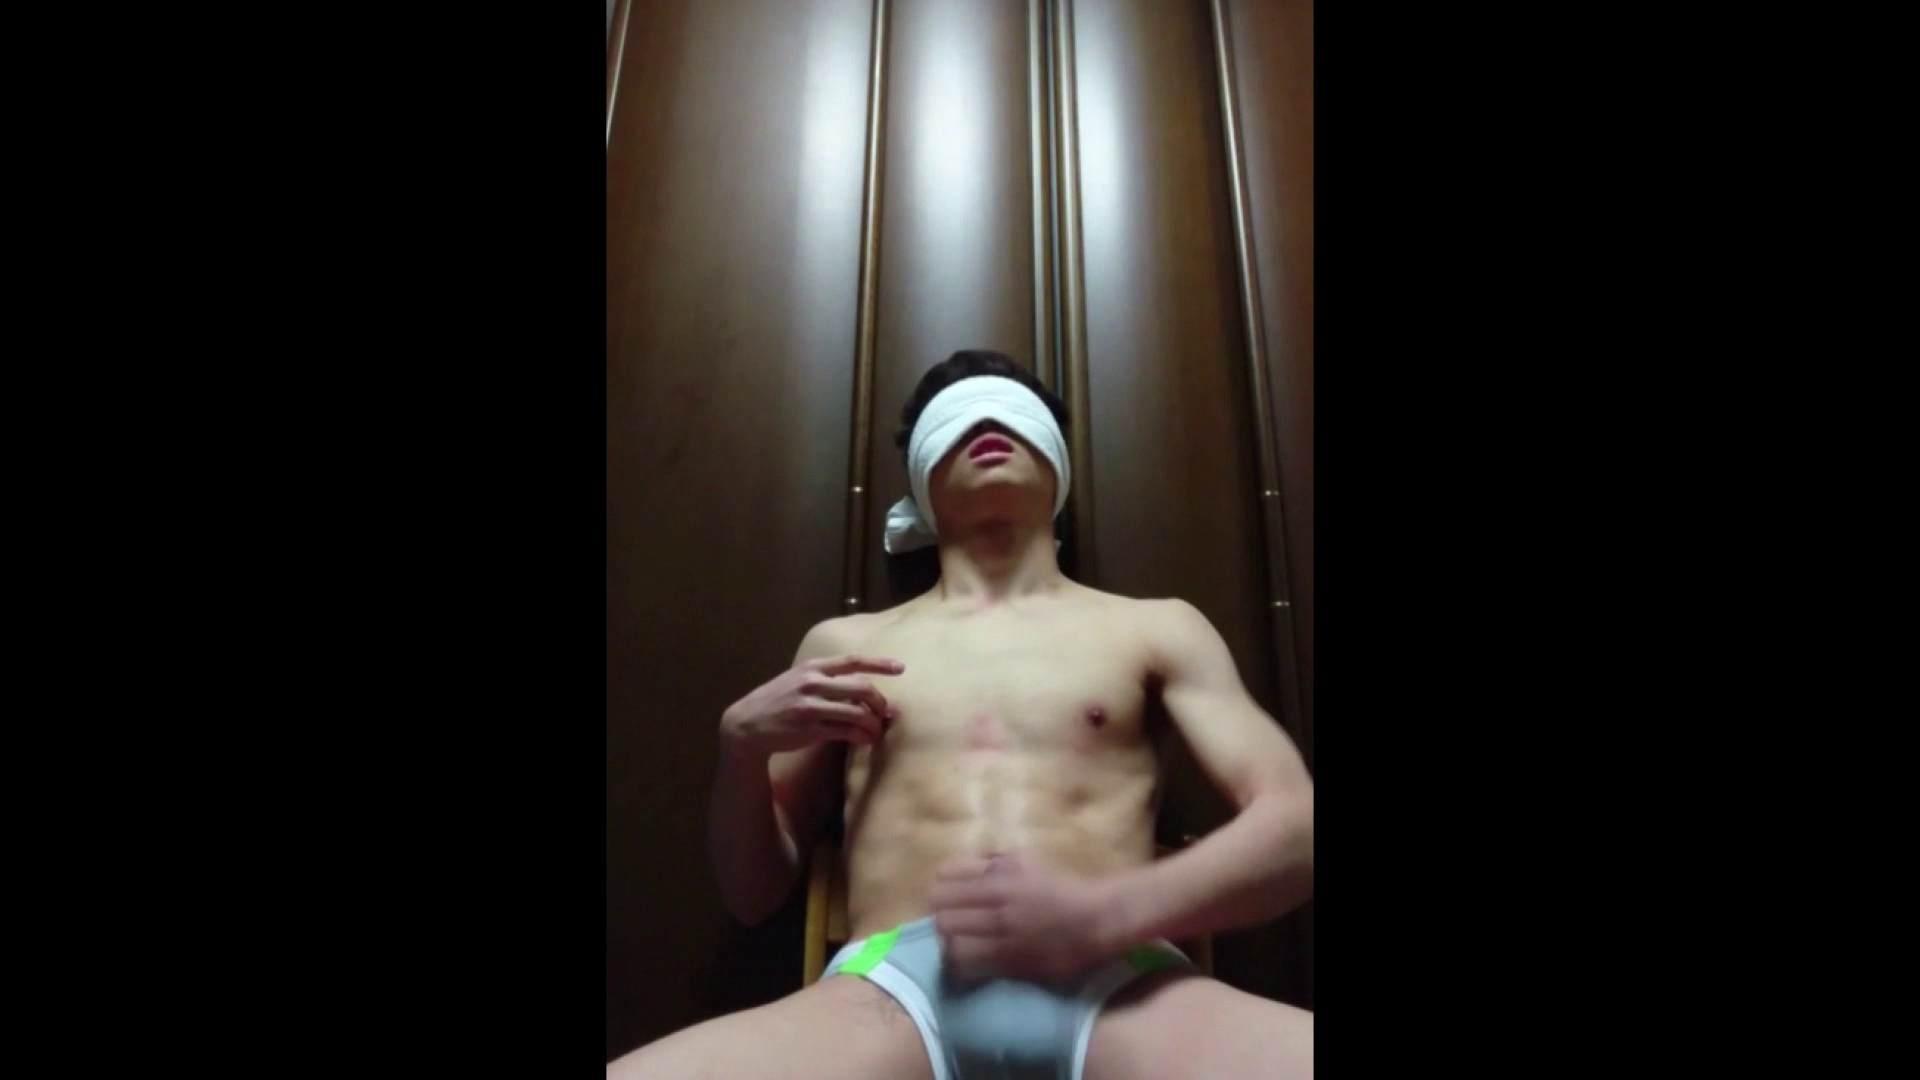 個人撮影 自慰の極意 Vol.21 ゲイのオナニー映像 ゲイセックス画像 107枚 82